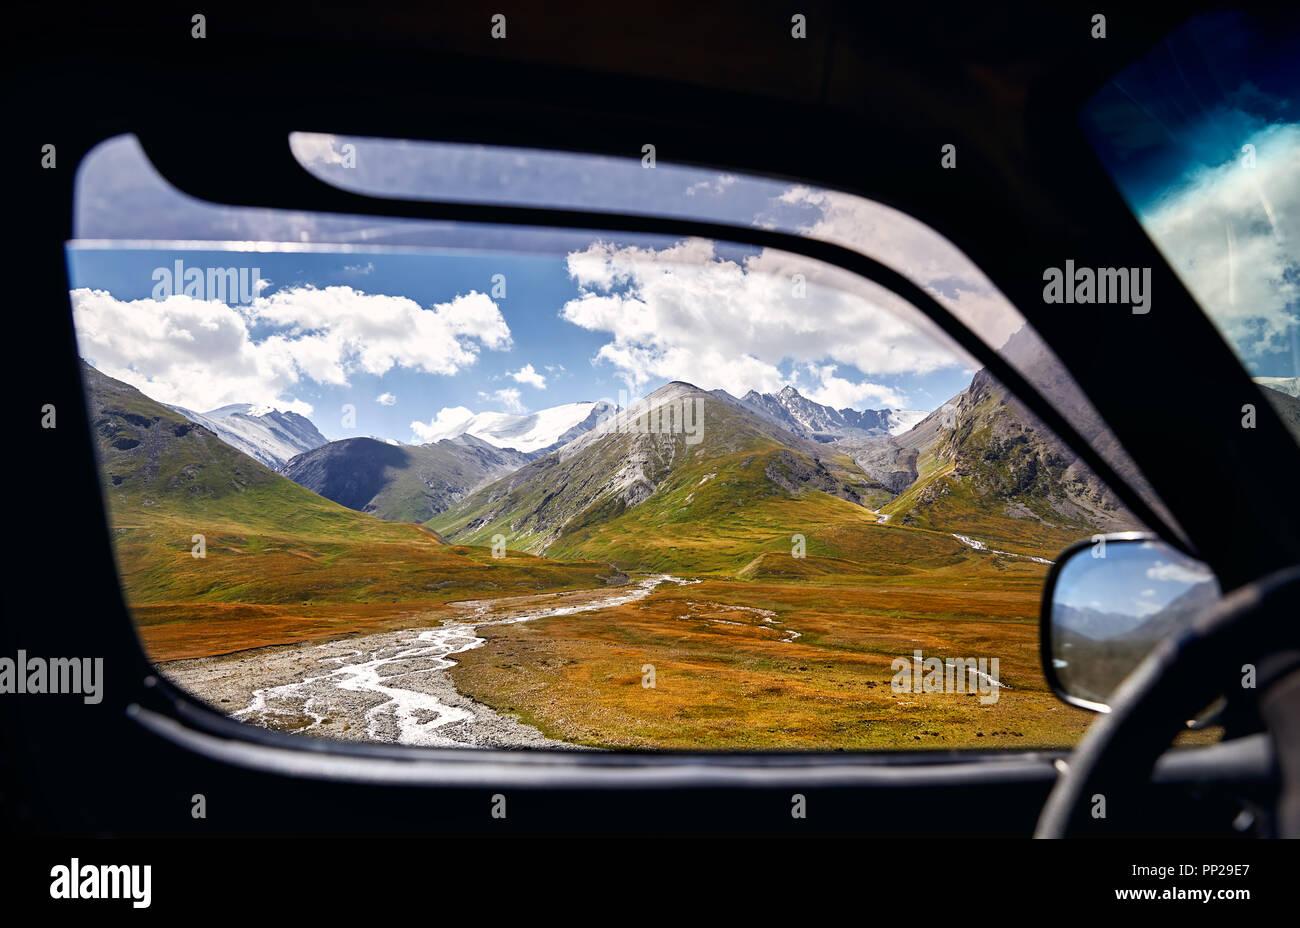 Paysage de la vallée de montagne magnifique vue de la fenêtre de voiture. Voyages et aventures concept. Photo Stock